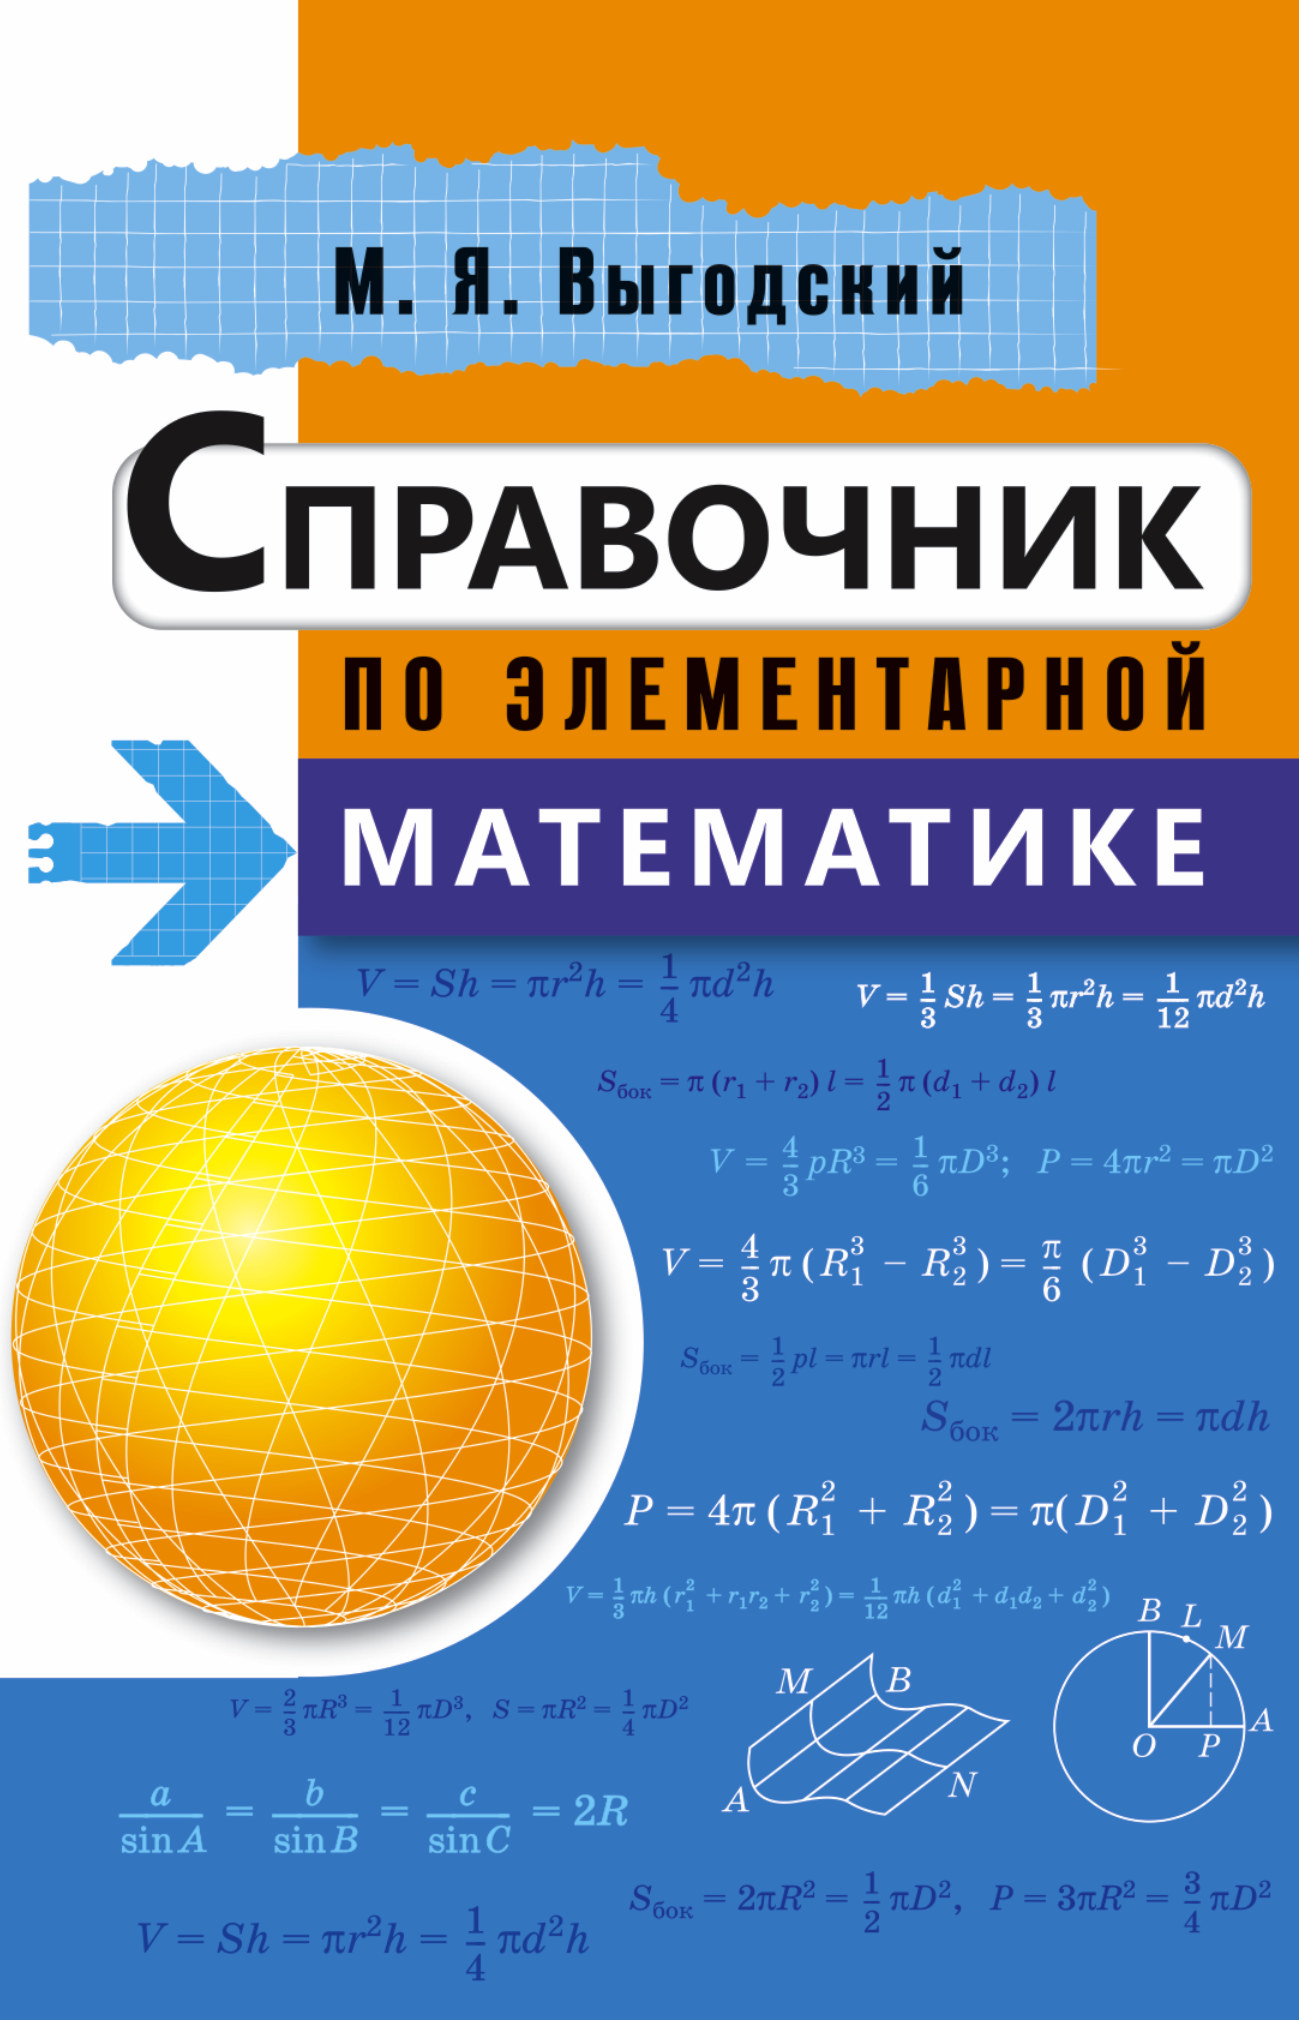 Выгодский М.Я. Справочник по элементарной математике п в чулков практические занятия по элементарной математике 2 й курс